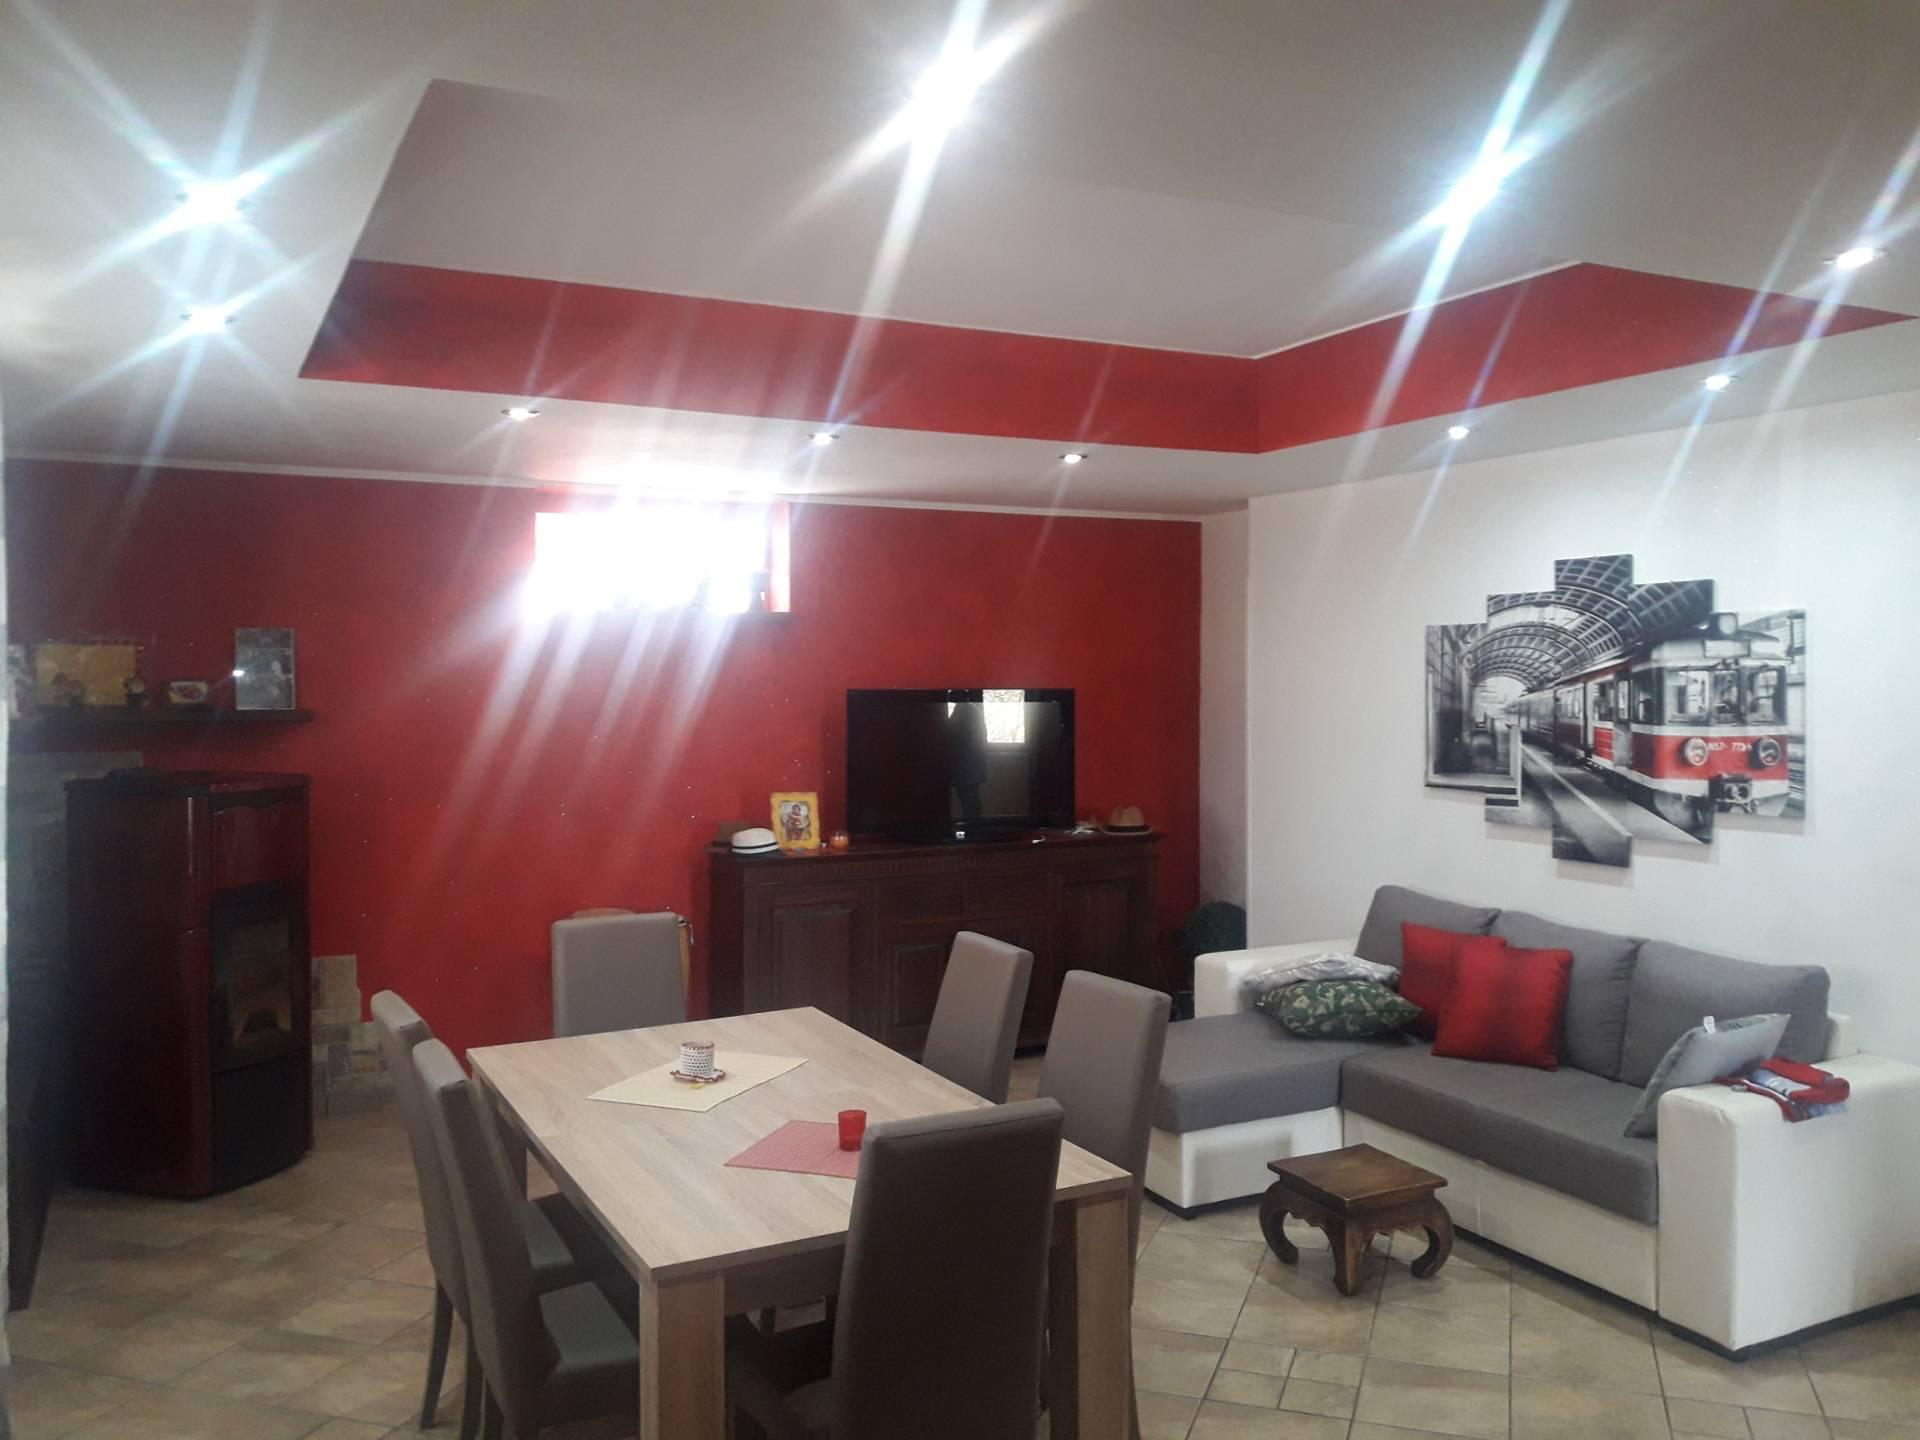 Soluzione Indipendente in vendita a Patrica, 5 locali, prezzo € 173.000 | CambioCasa.it